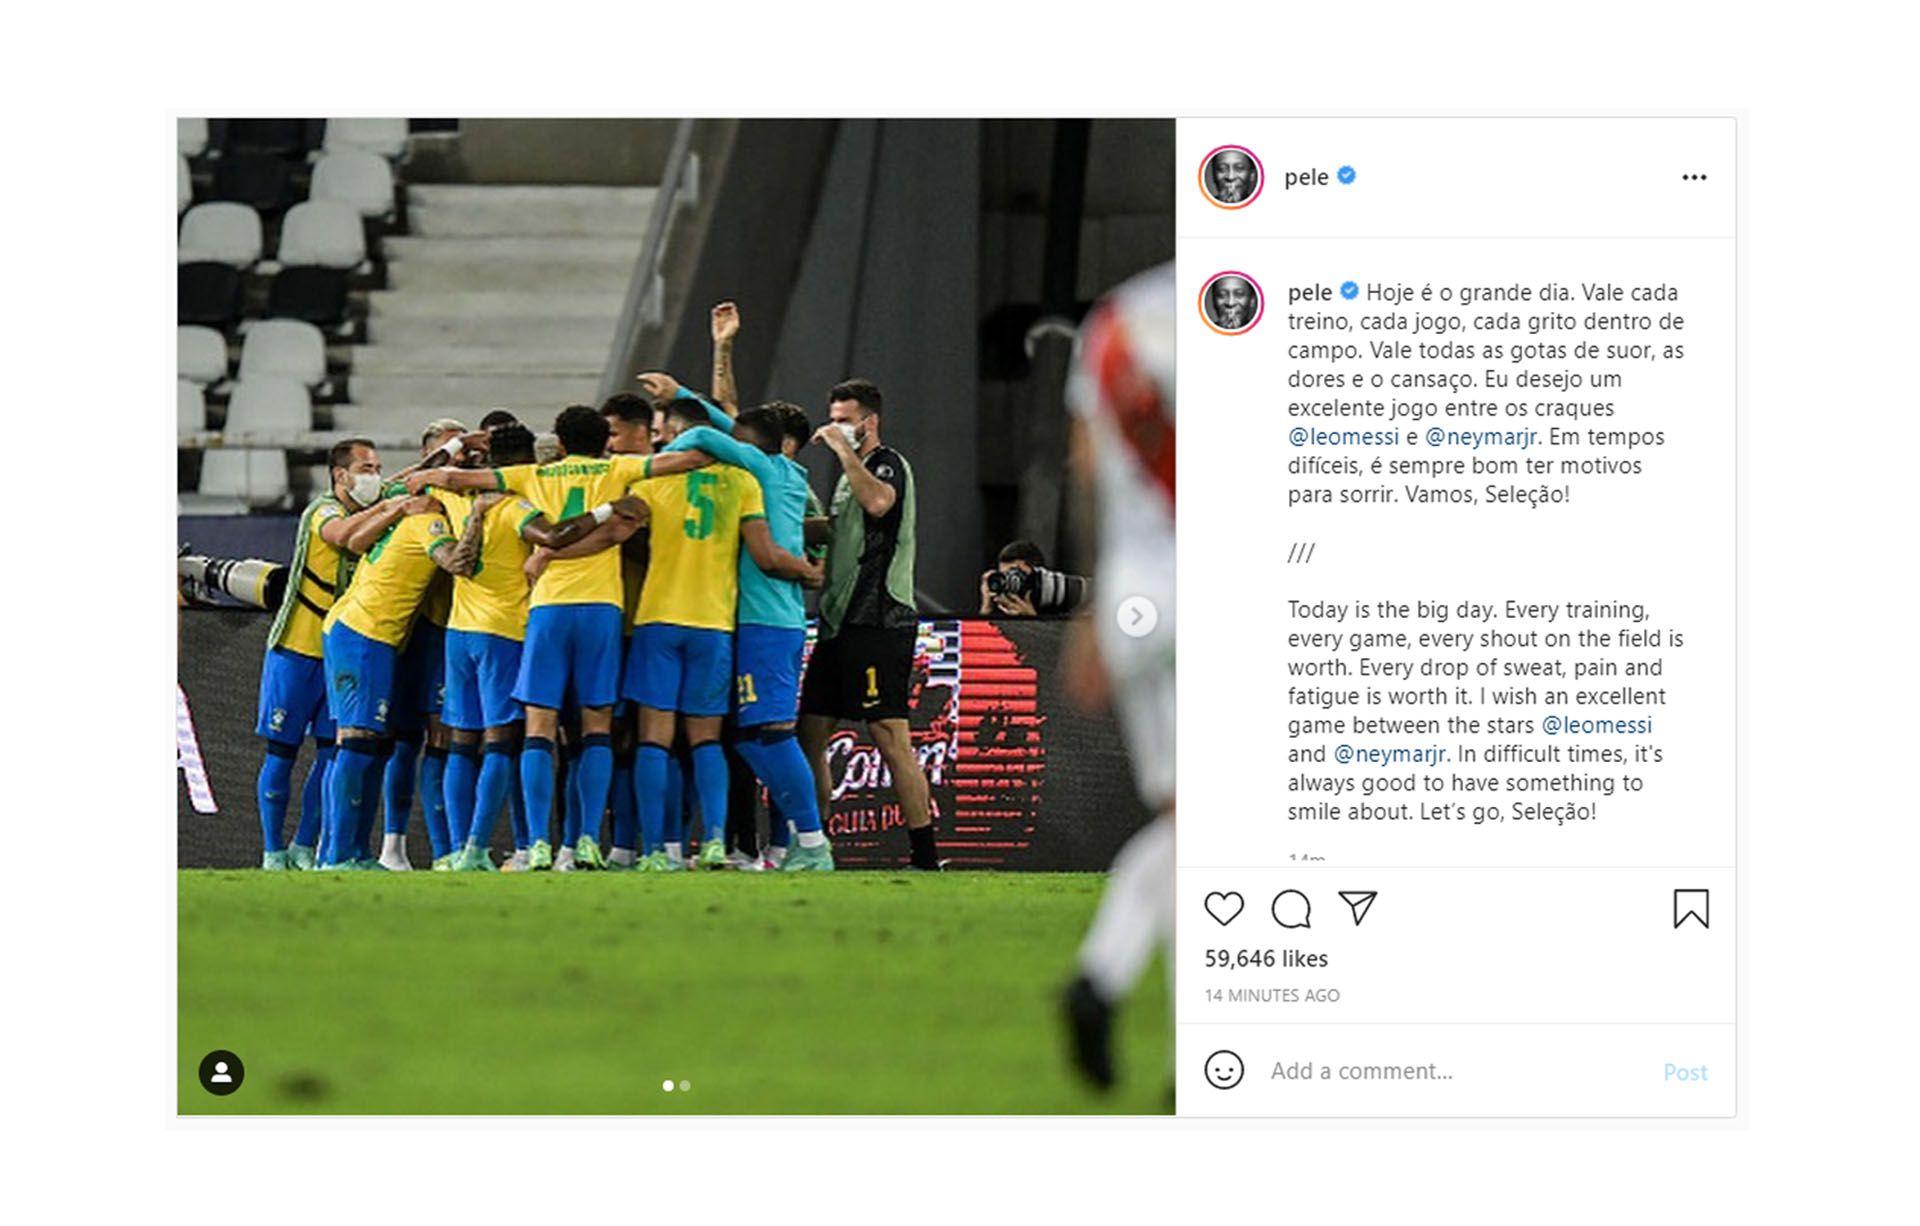 Mensaje de Pele en la previa de la final de Copa America